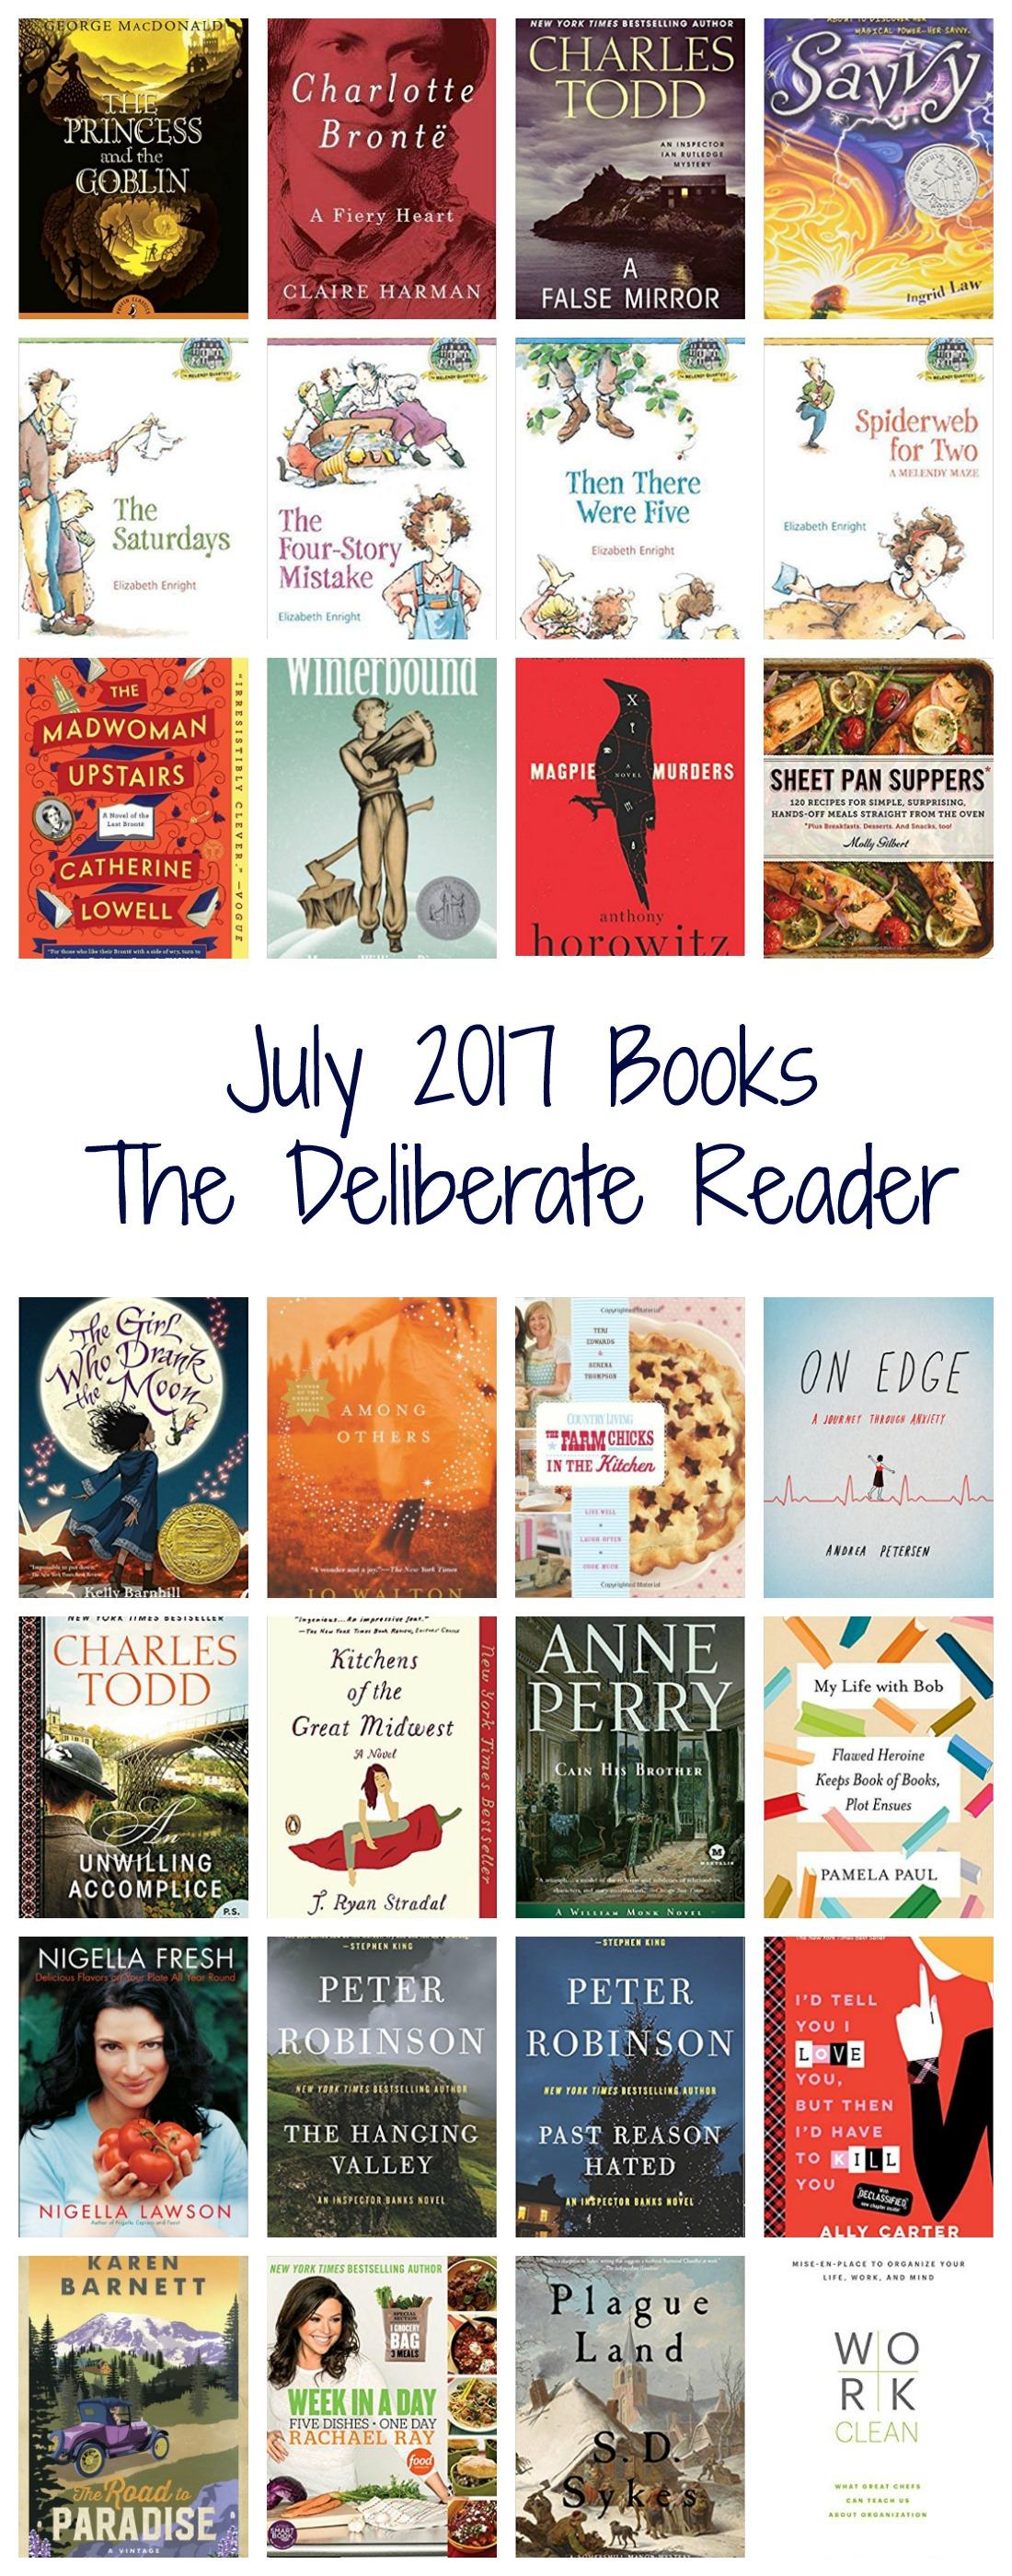 Books Read in July 2017